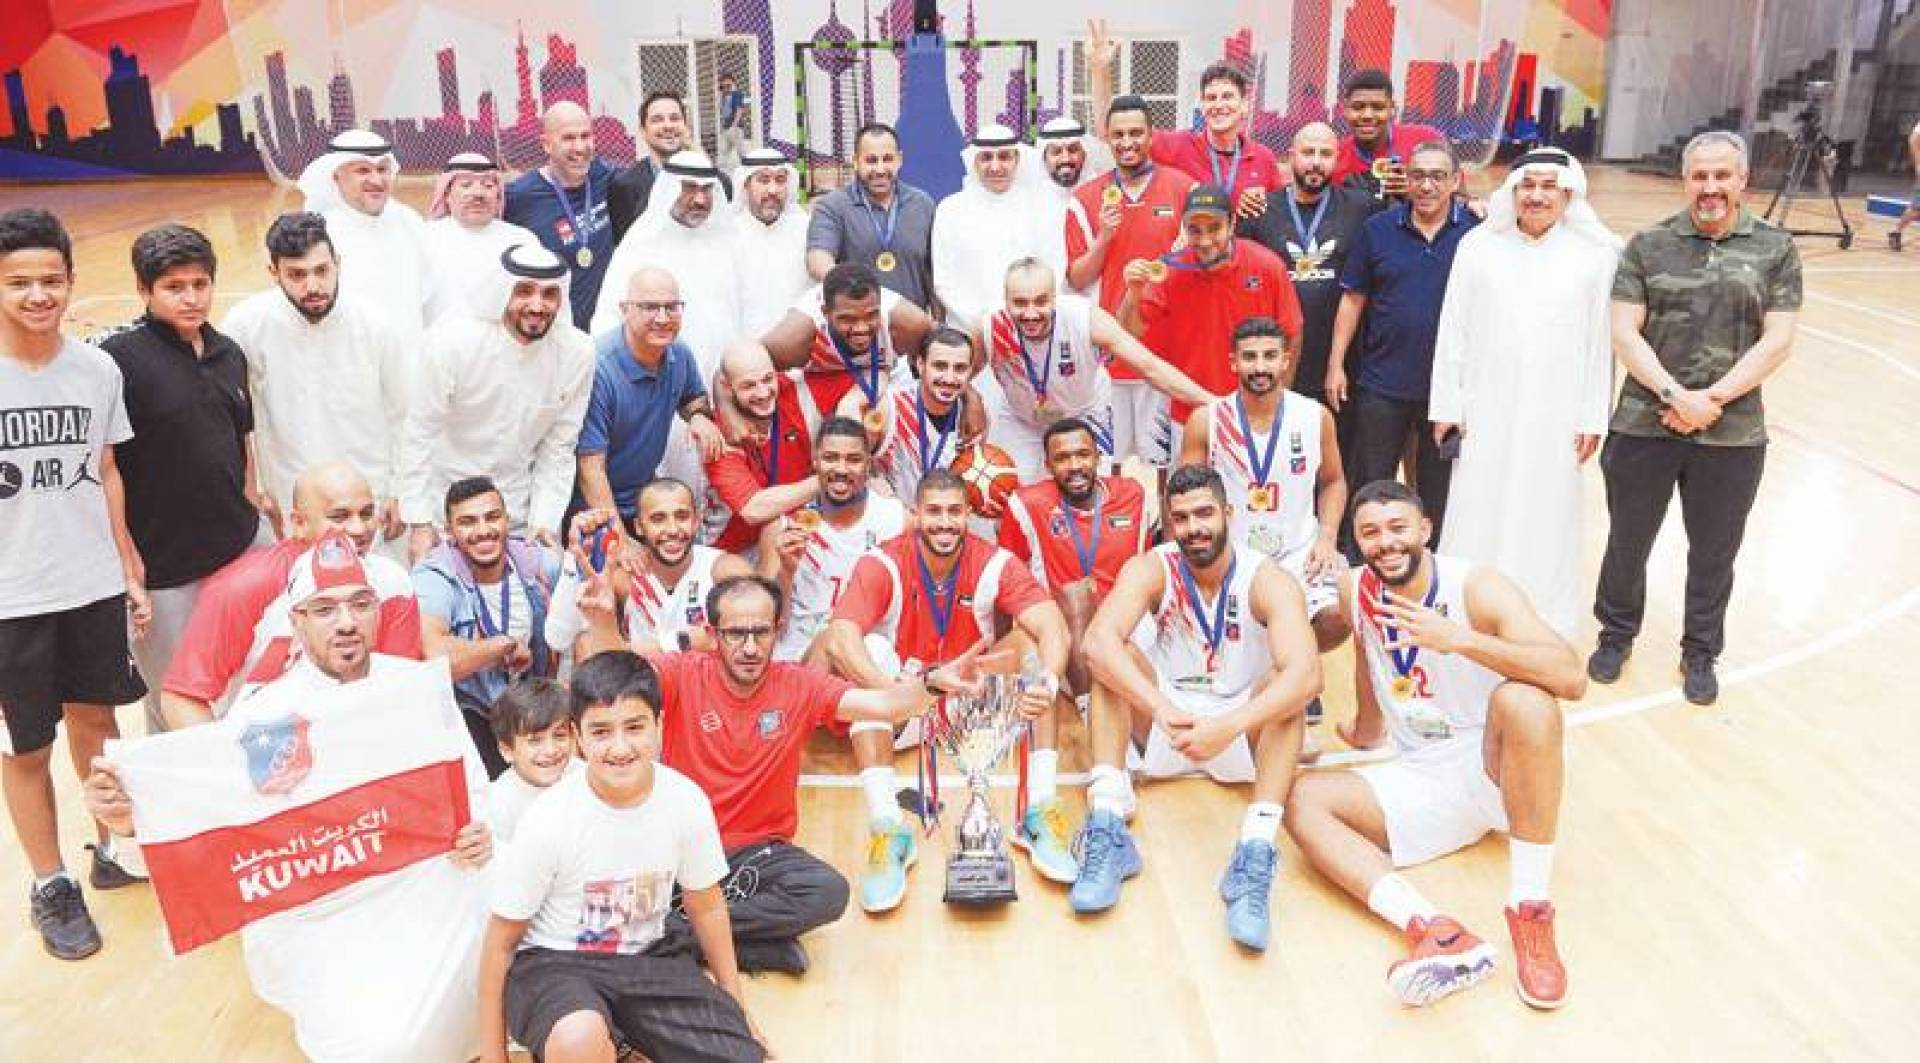 فرحة اللاعبين والجهاز الفني للكويت بالفوز في مباراة السوبر | كونا